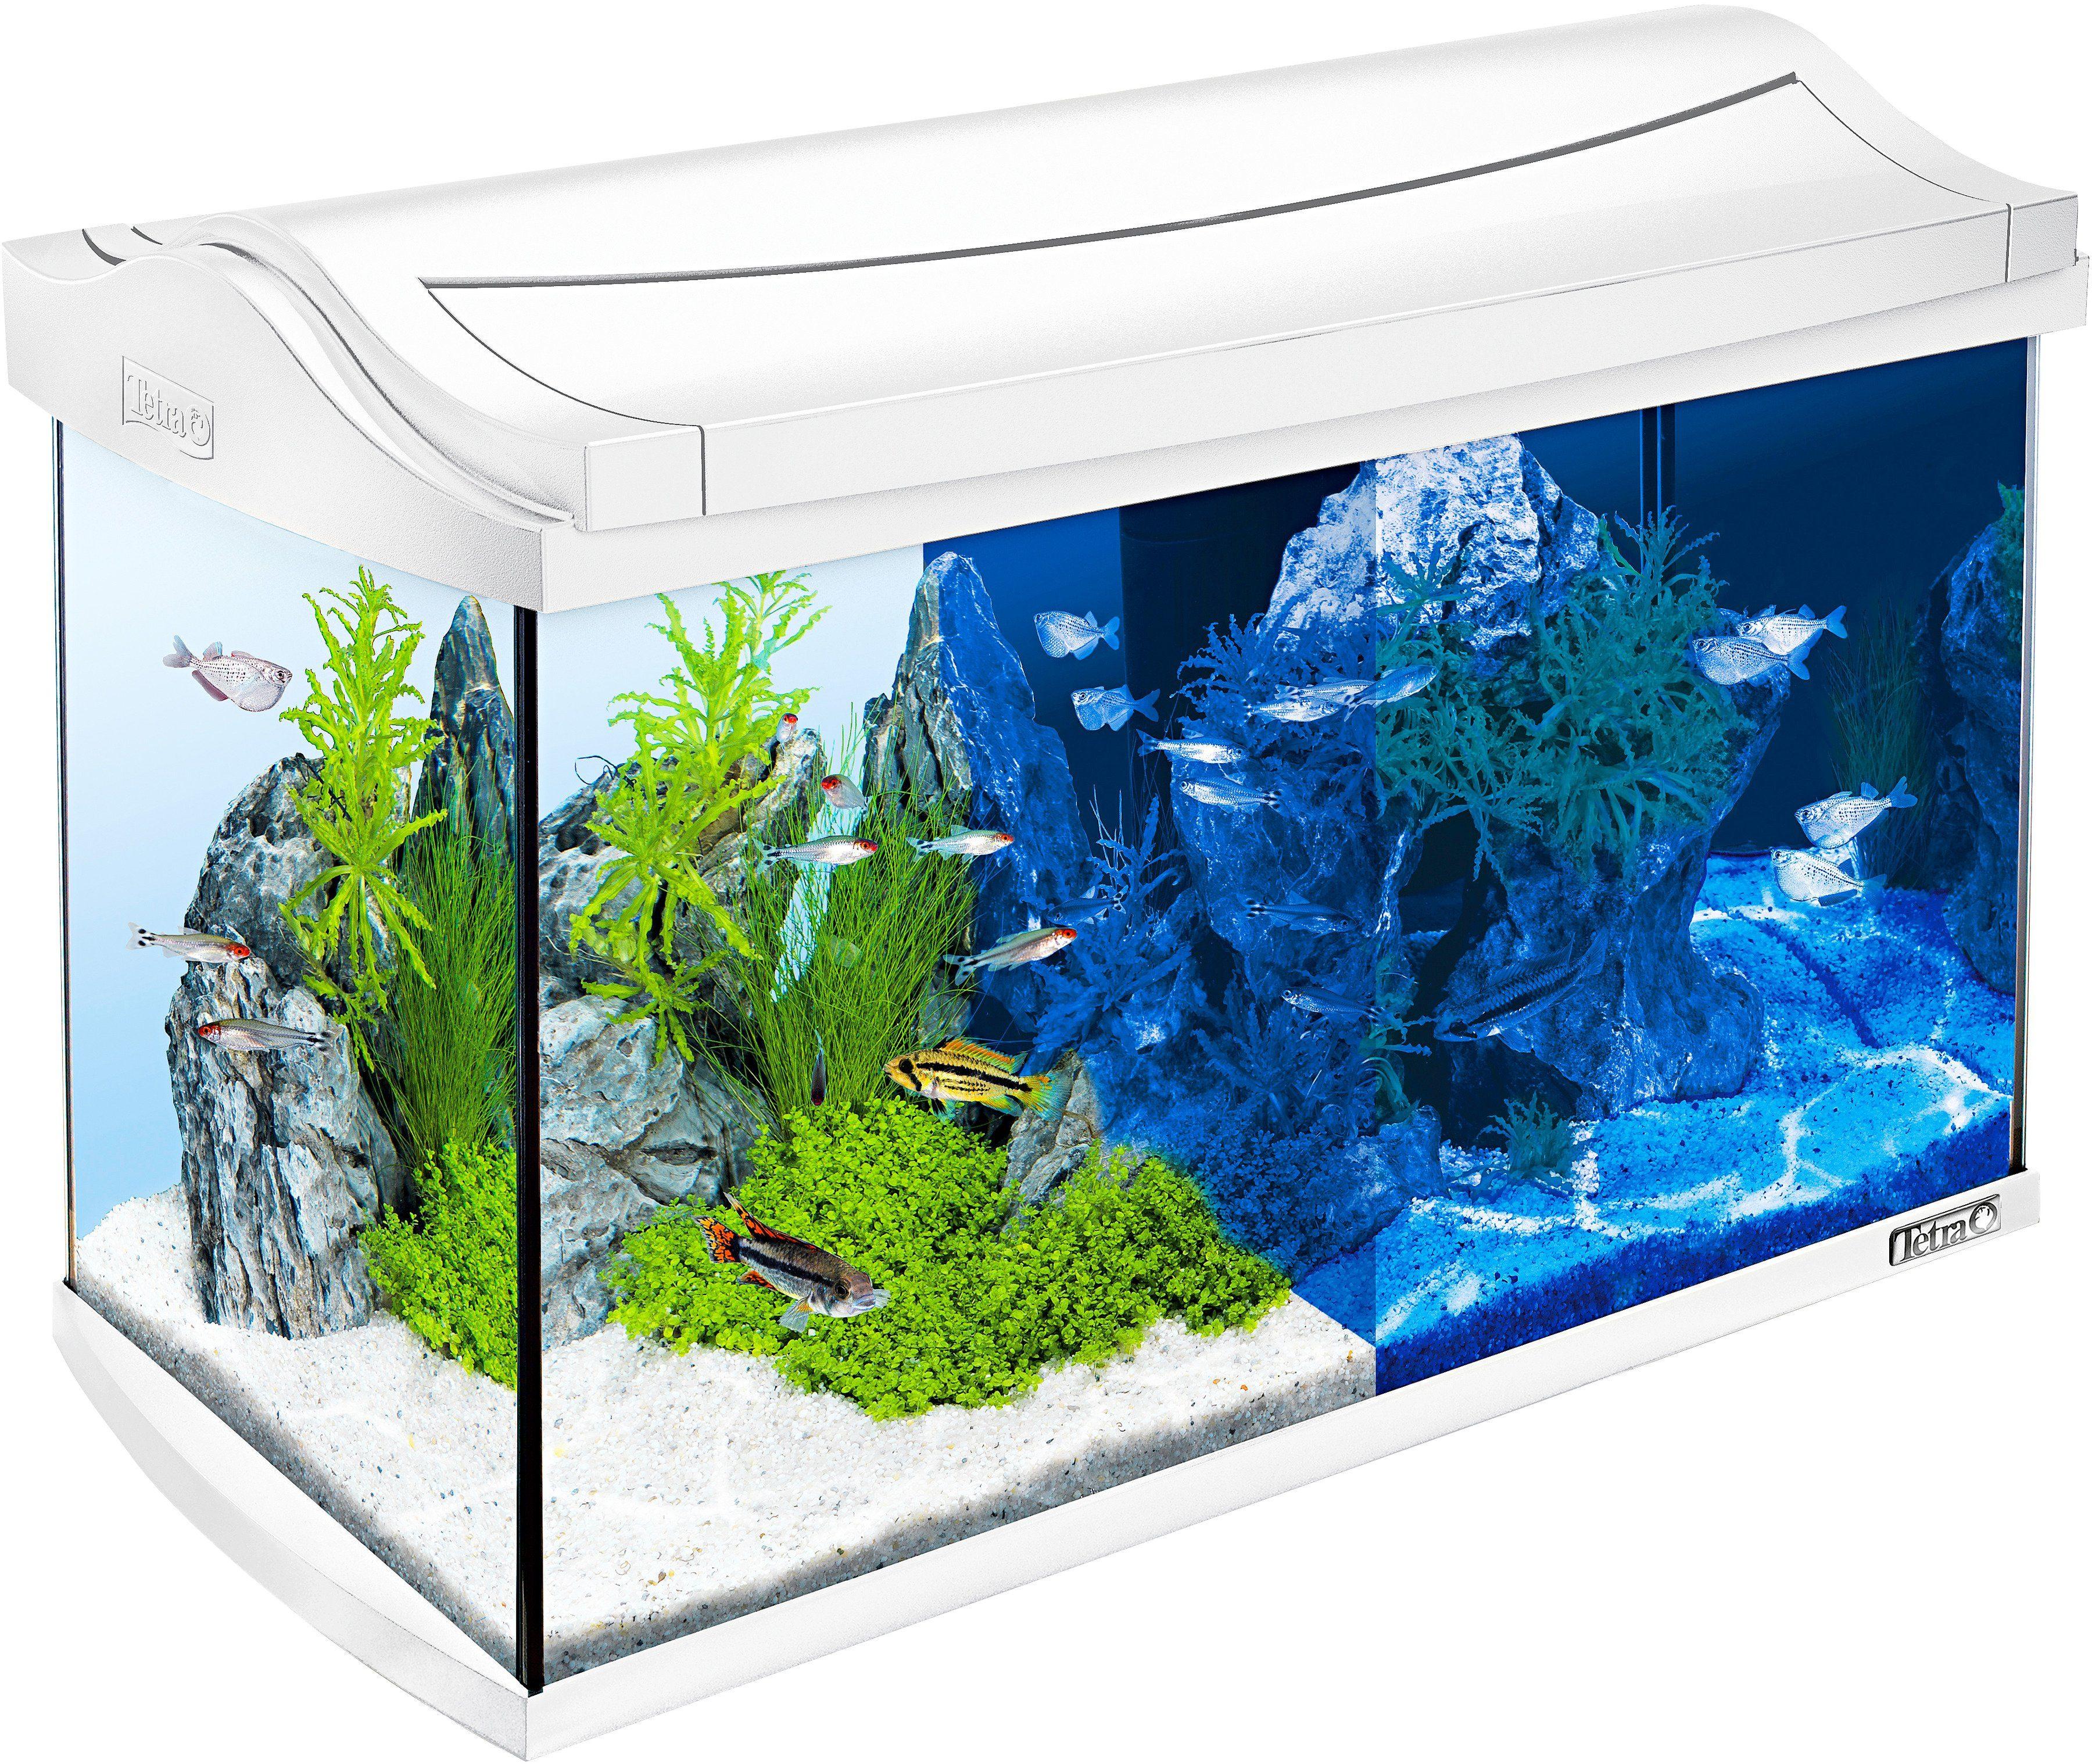 Tetra Aquarium »AquaArt LED Discovery Line« 60 l, weiß